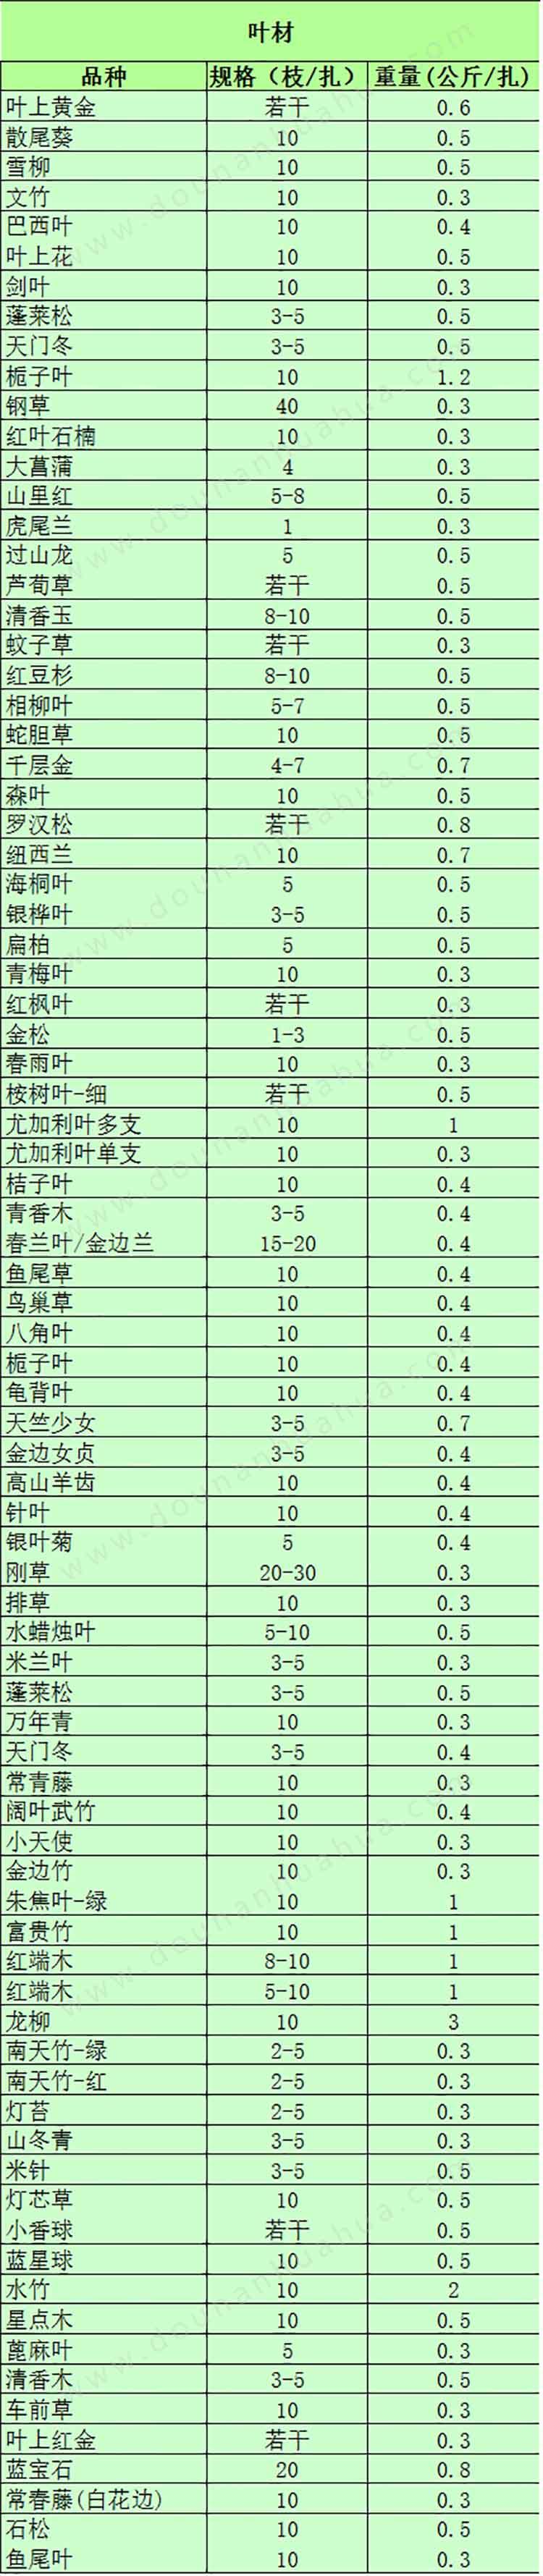 浙江万博app下载最新版批发